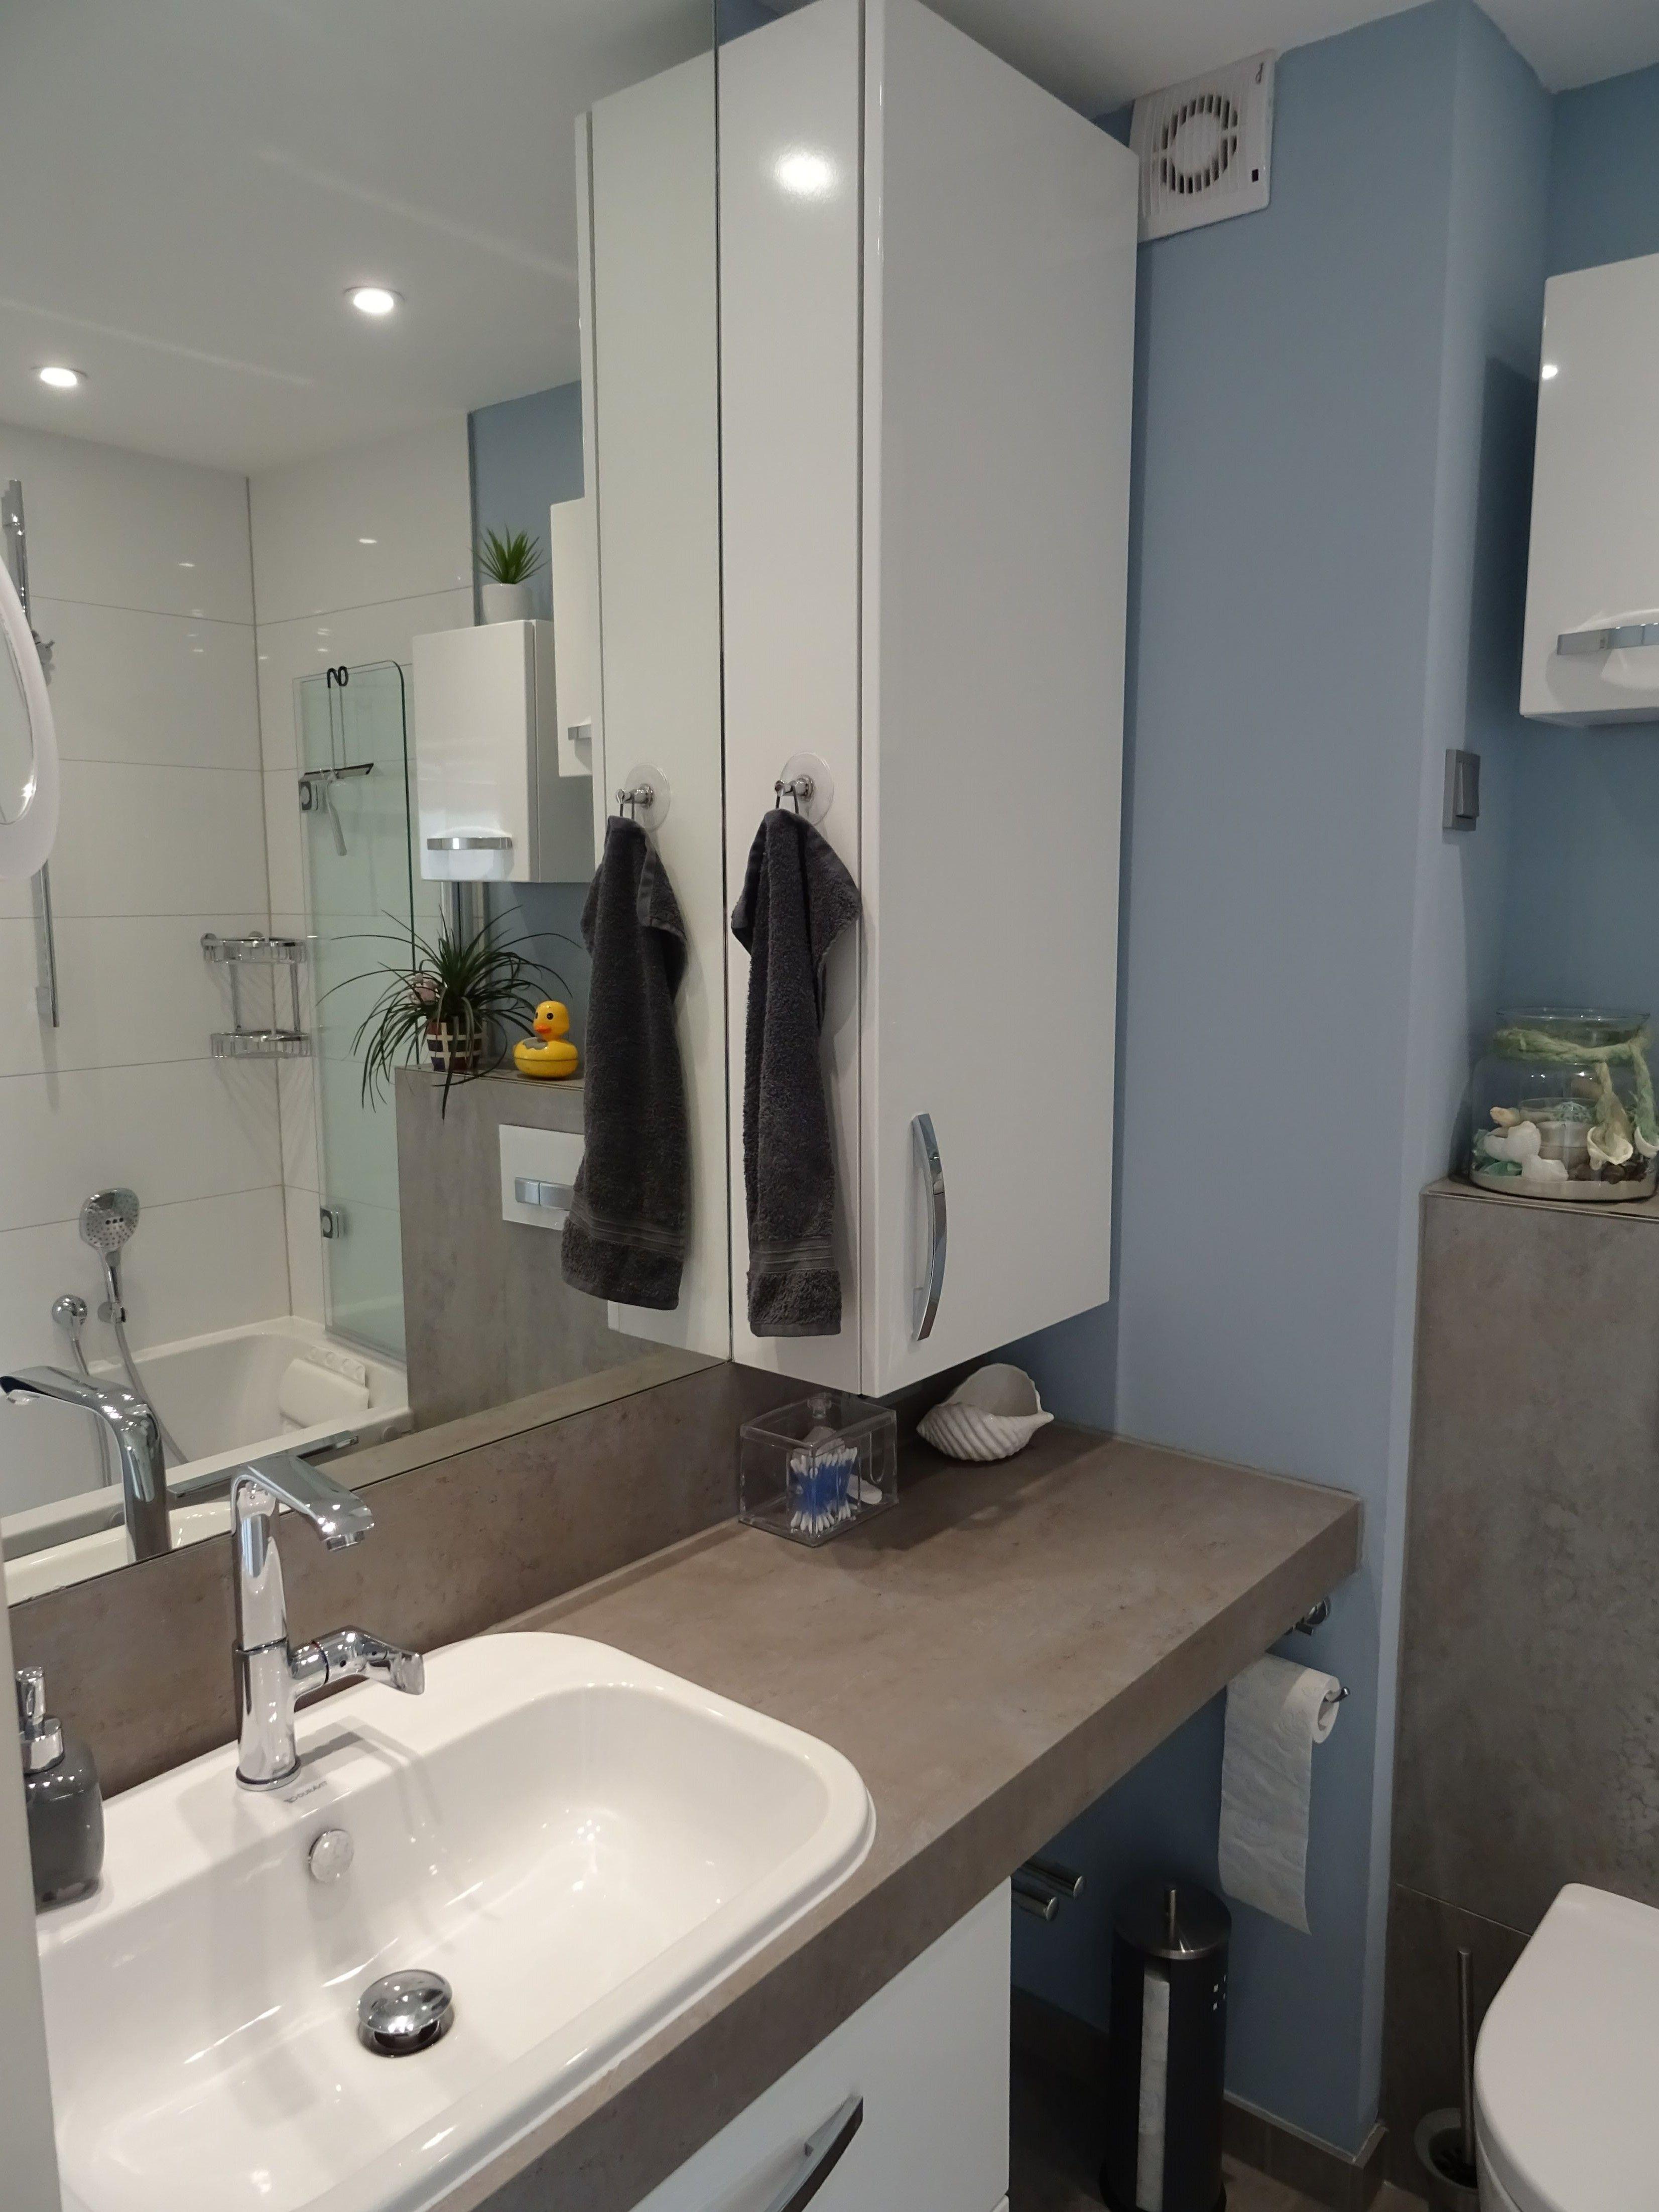 Kleines Trendiges Bad Waschtisch Badewanne Dusche Schranke Fliesen Kleinesbad Bad Gastebad Kinderbad Bad Waschtisch Badewanne Mit Dusche Waschtisch